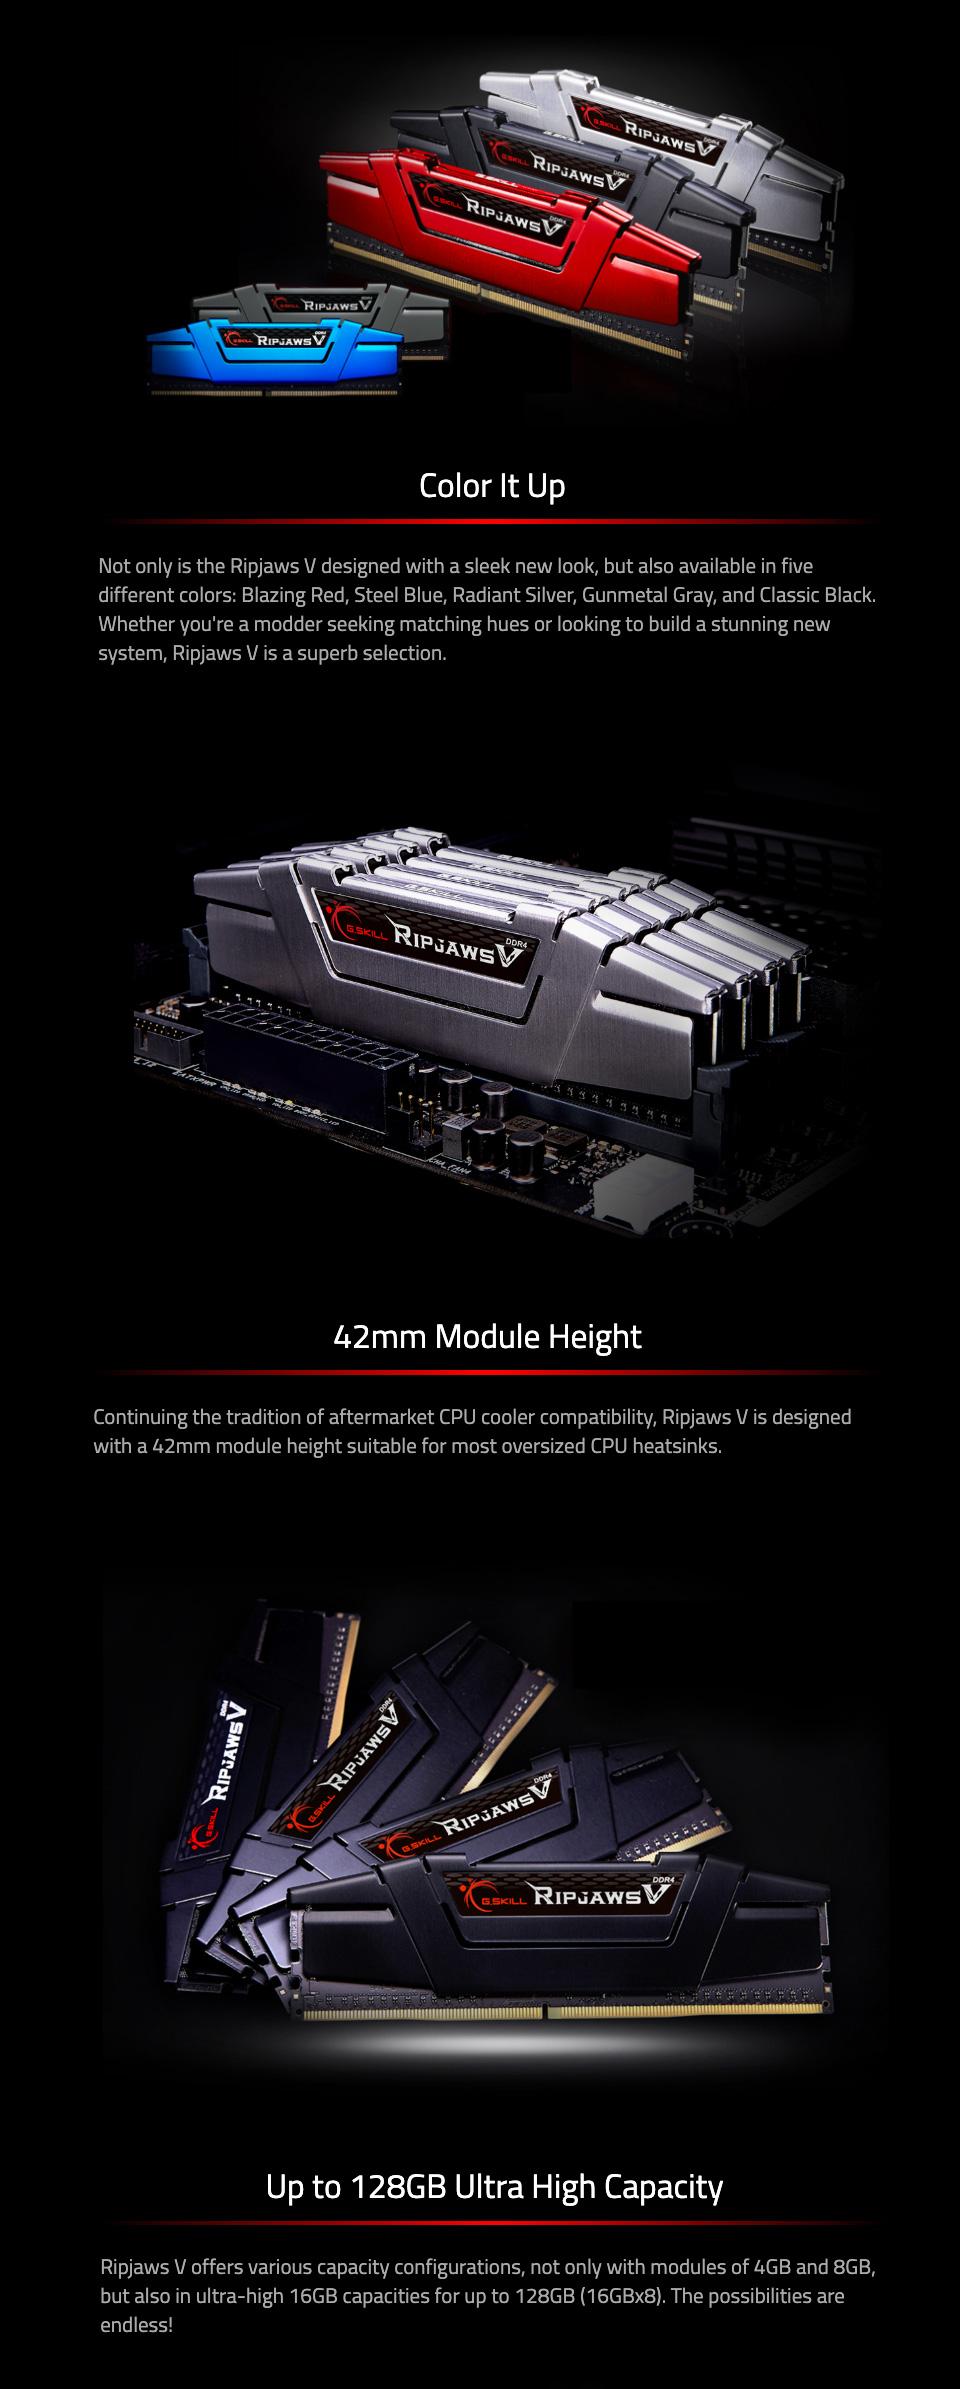 G.Skill Ripjaws V F4-3200C14Q-32GVK 32GB (4x8GB) DDR4 features 2